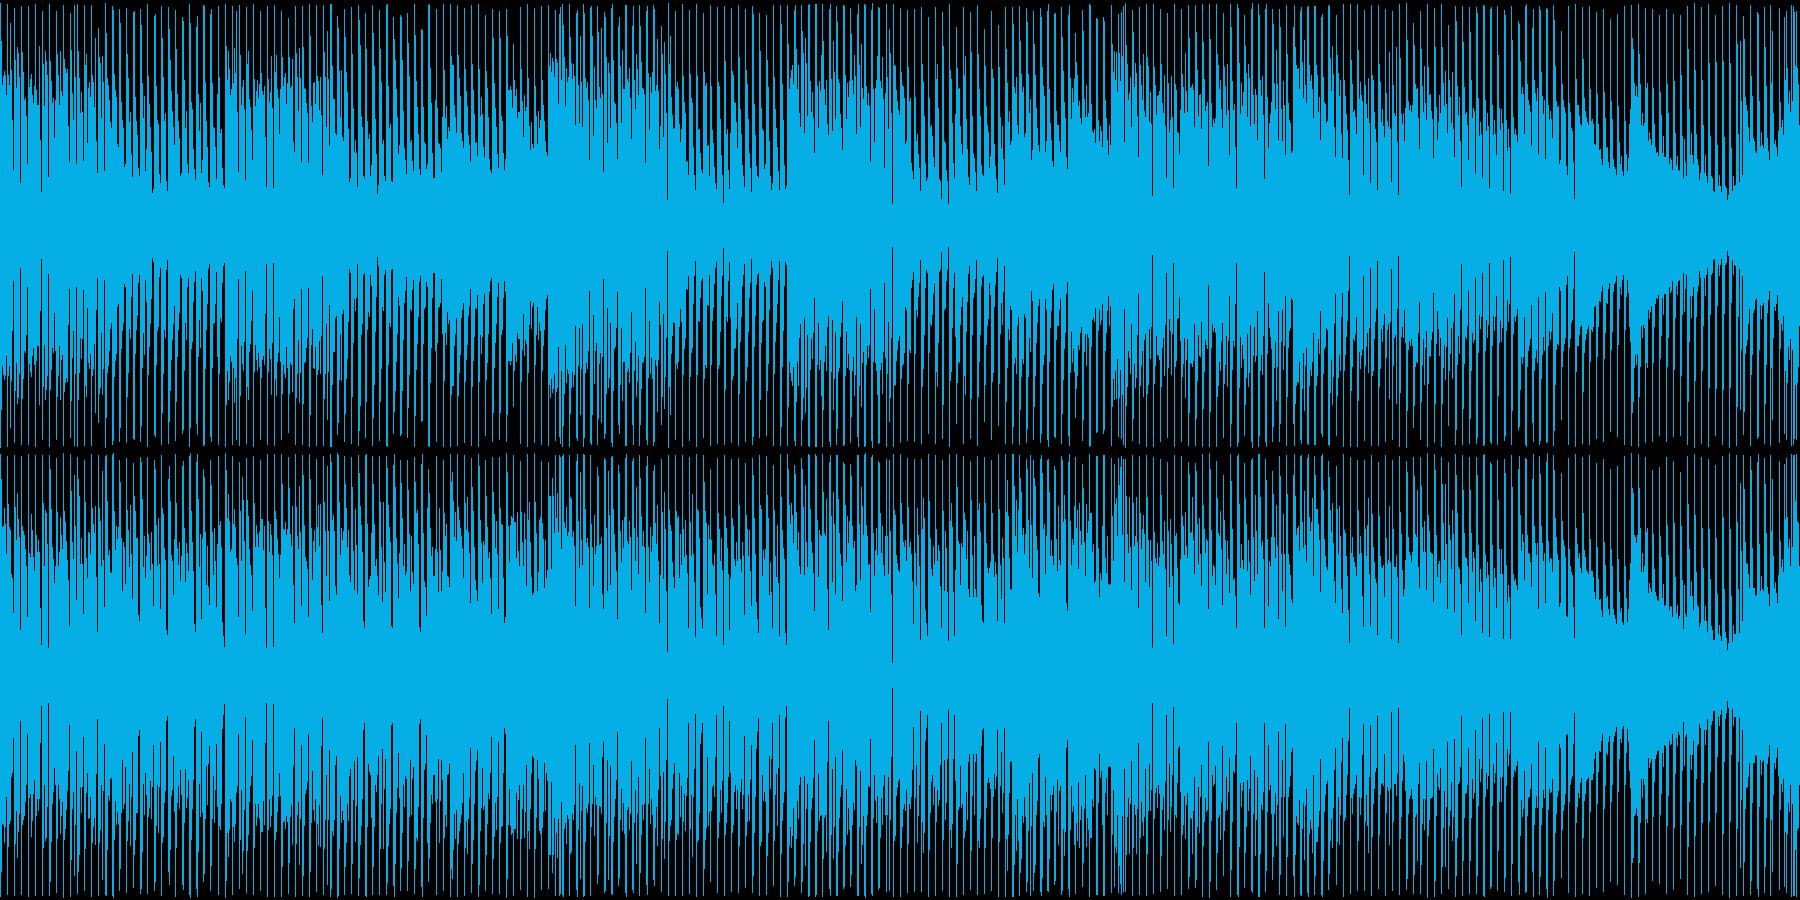 【ループ仕様】爽やかで怪しいBGMの再生済みの波形